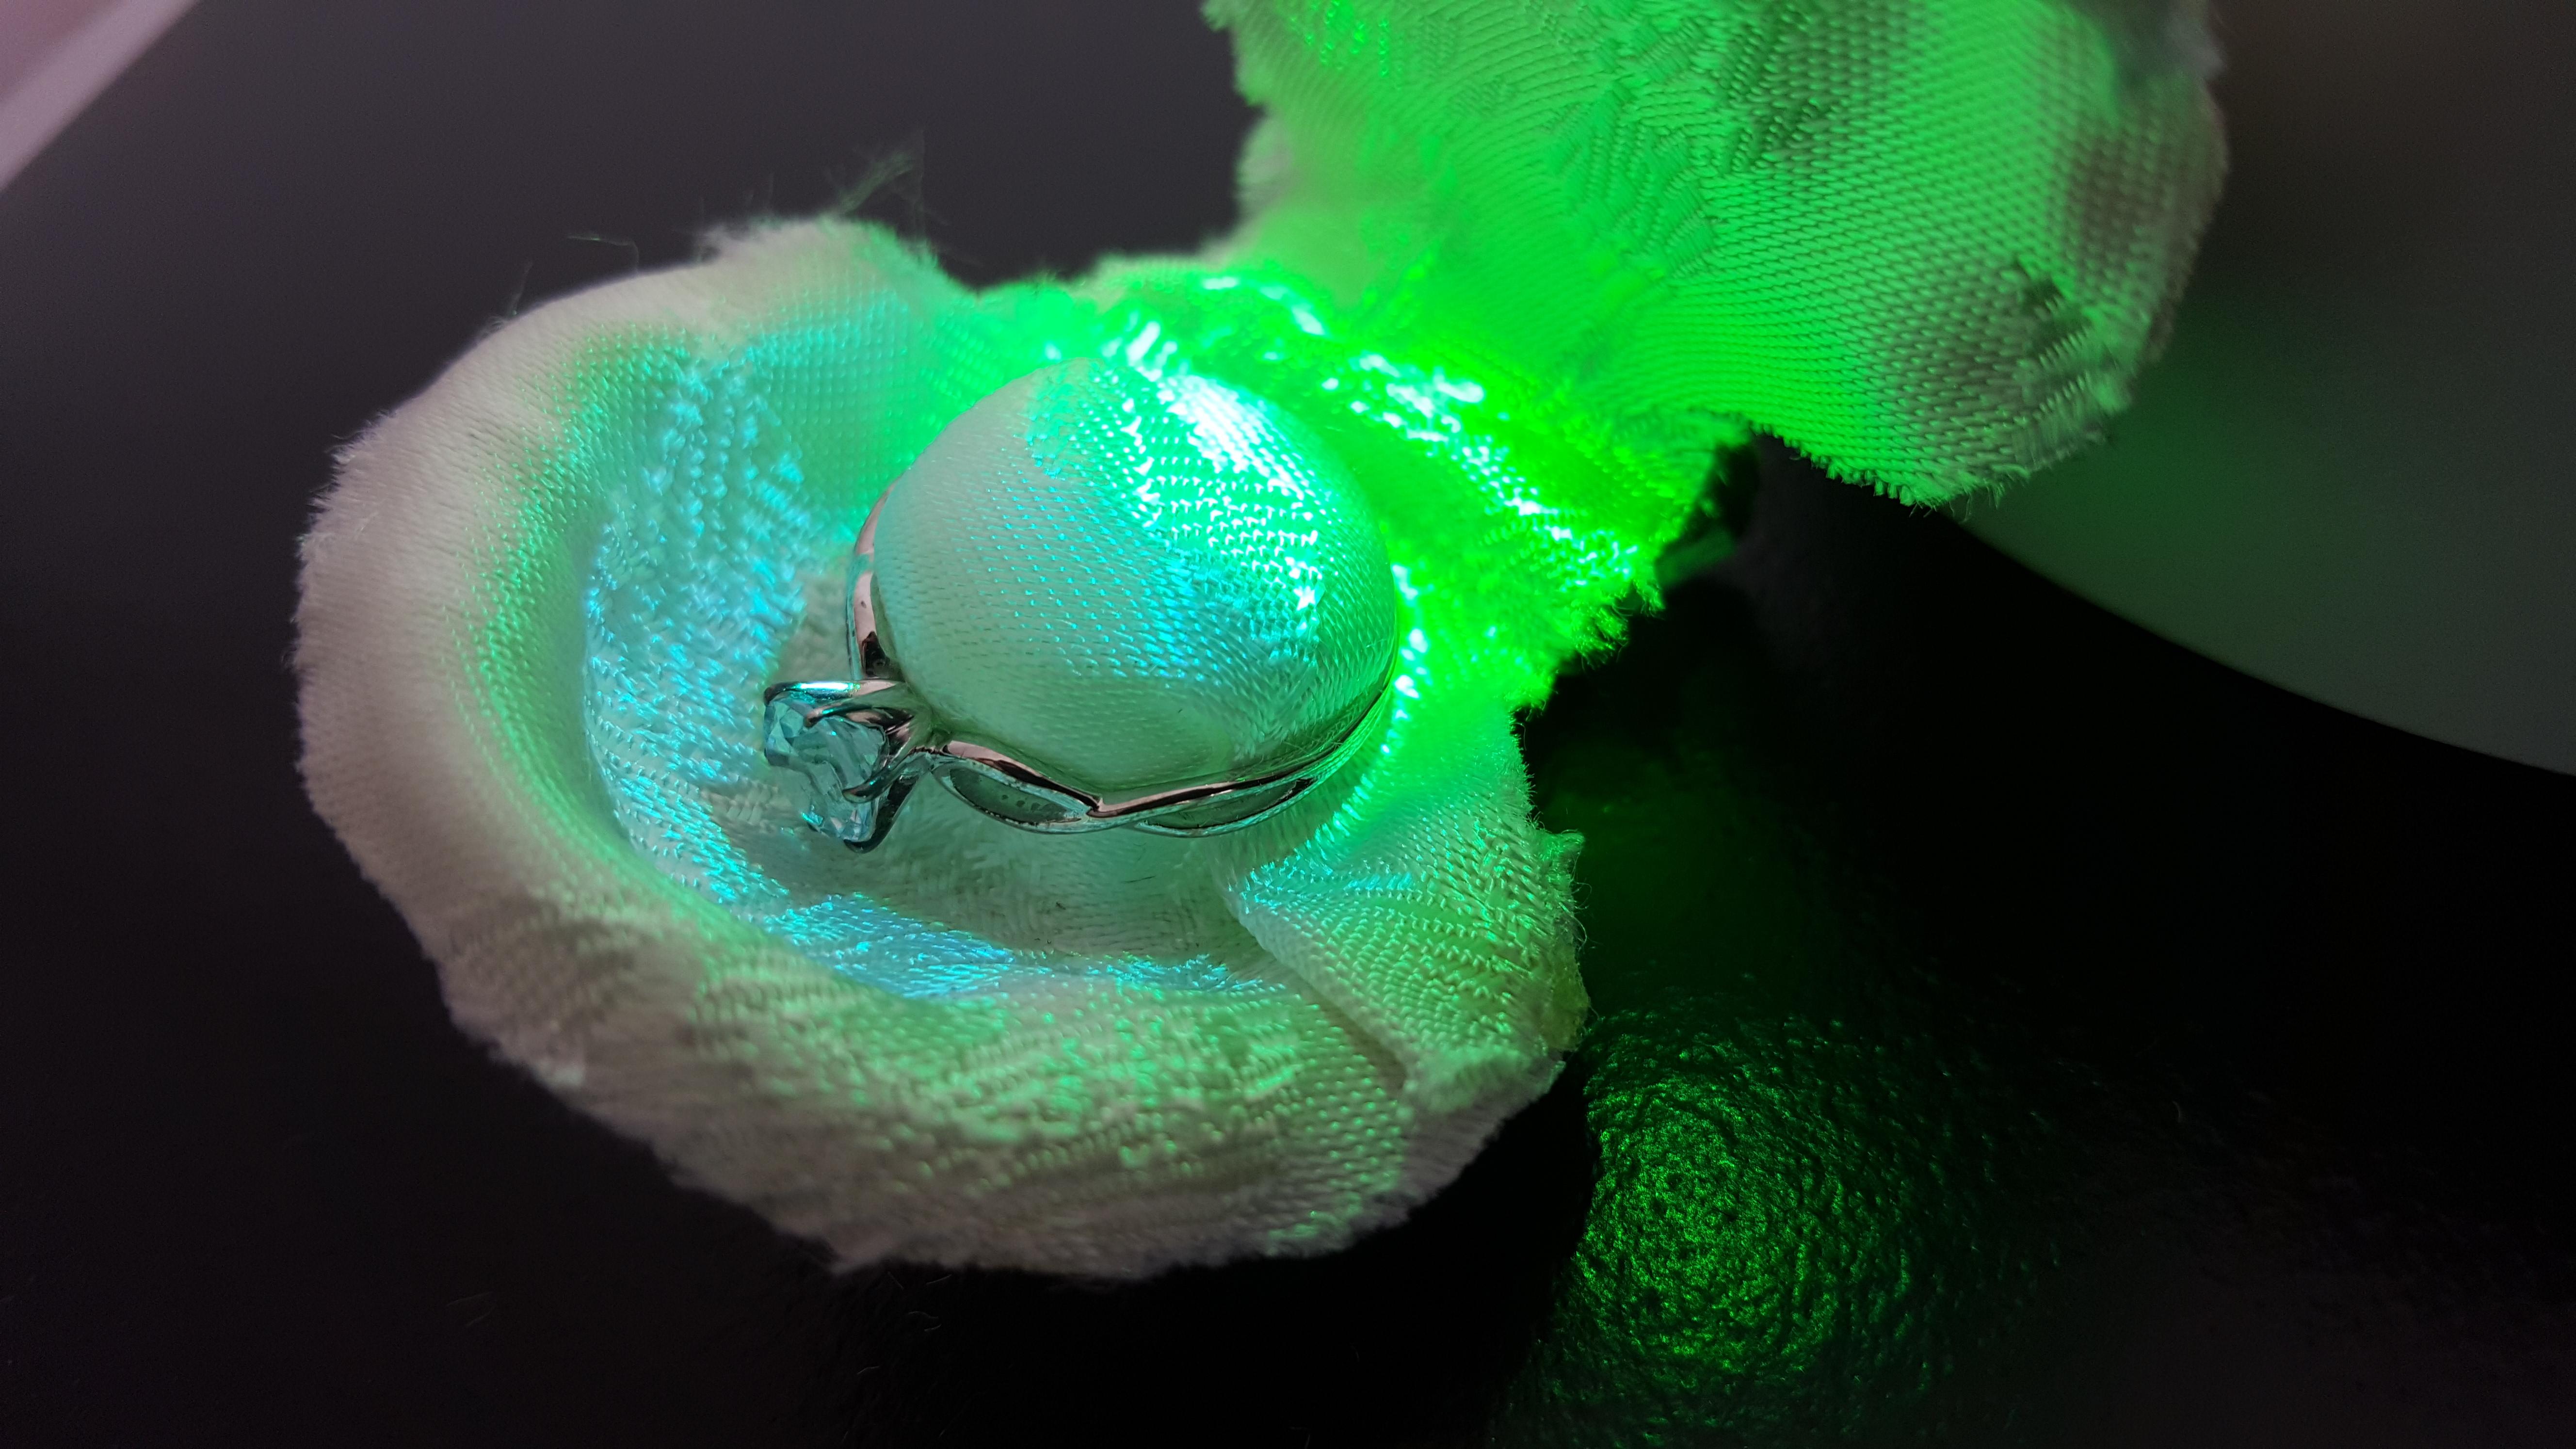 Picture of LED-illuminated Seashell Engagement Ring Box